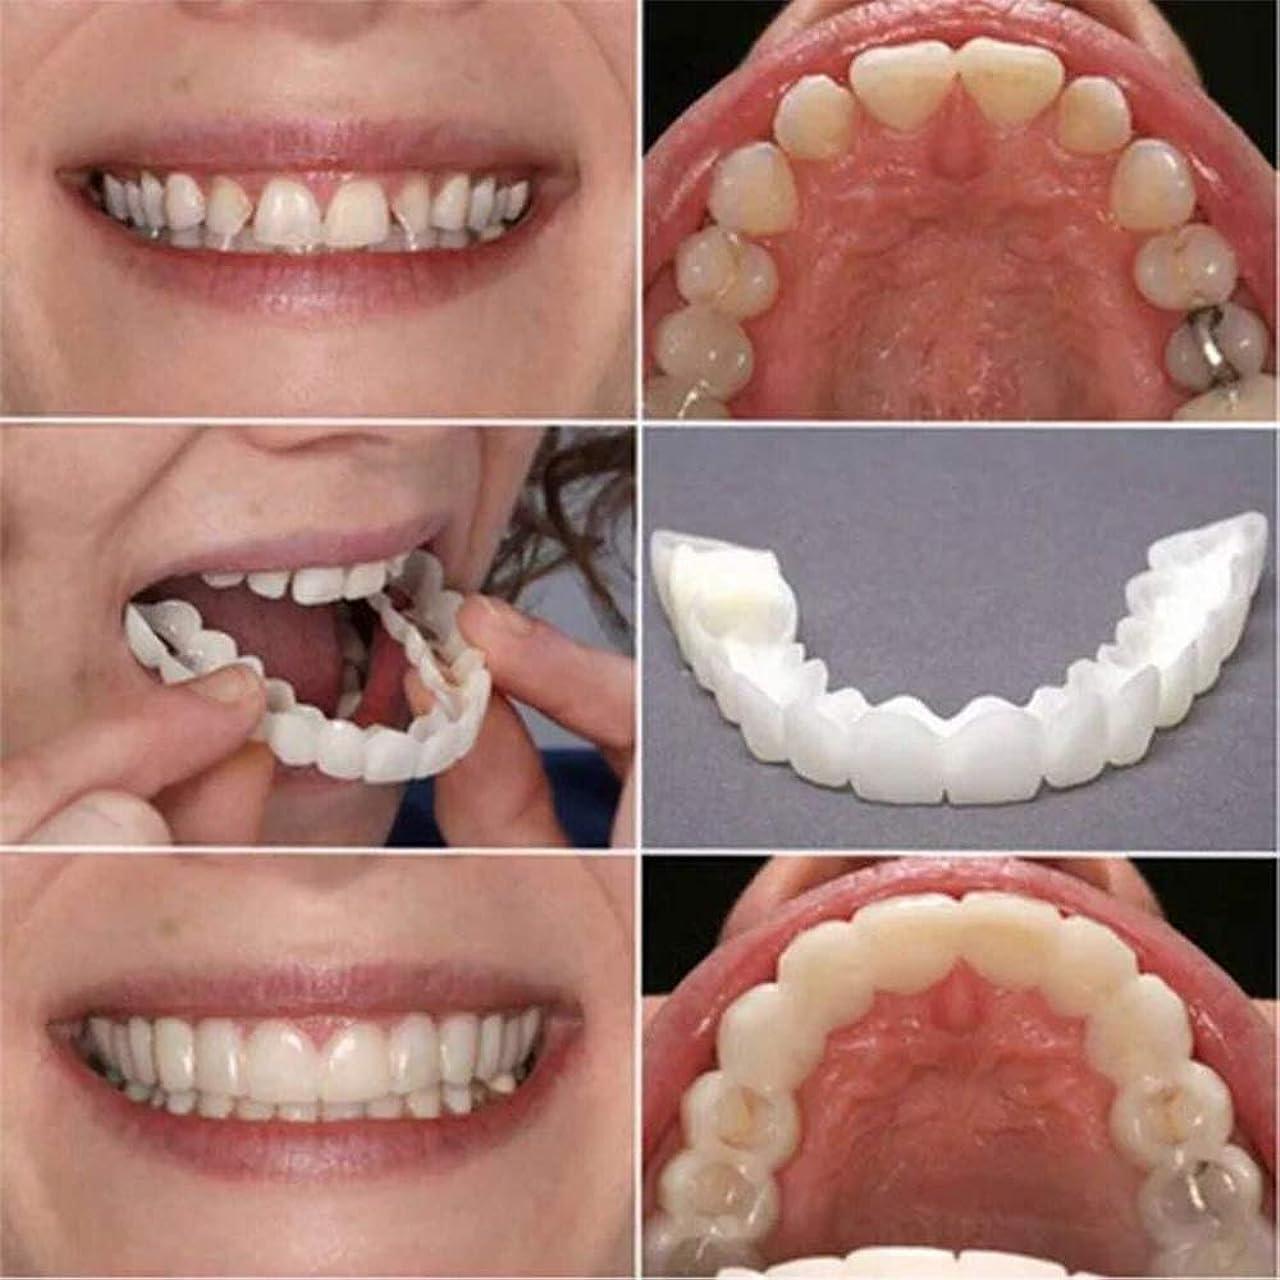 プレミアブルーム乱雑な2個の歯ピースフィッティング快適なフィット歯のソケット義歯口腔用品矯正アクセティース 笑顔を保つ